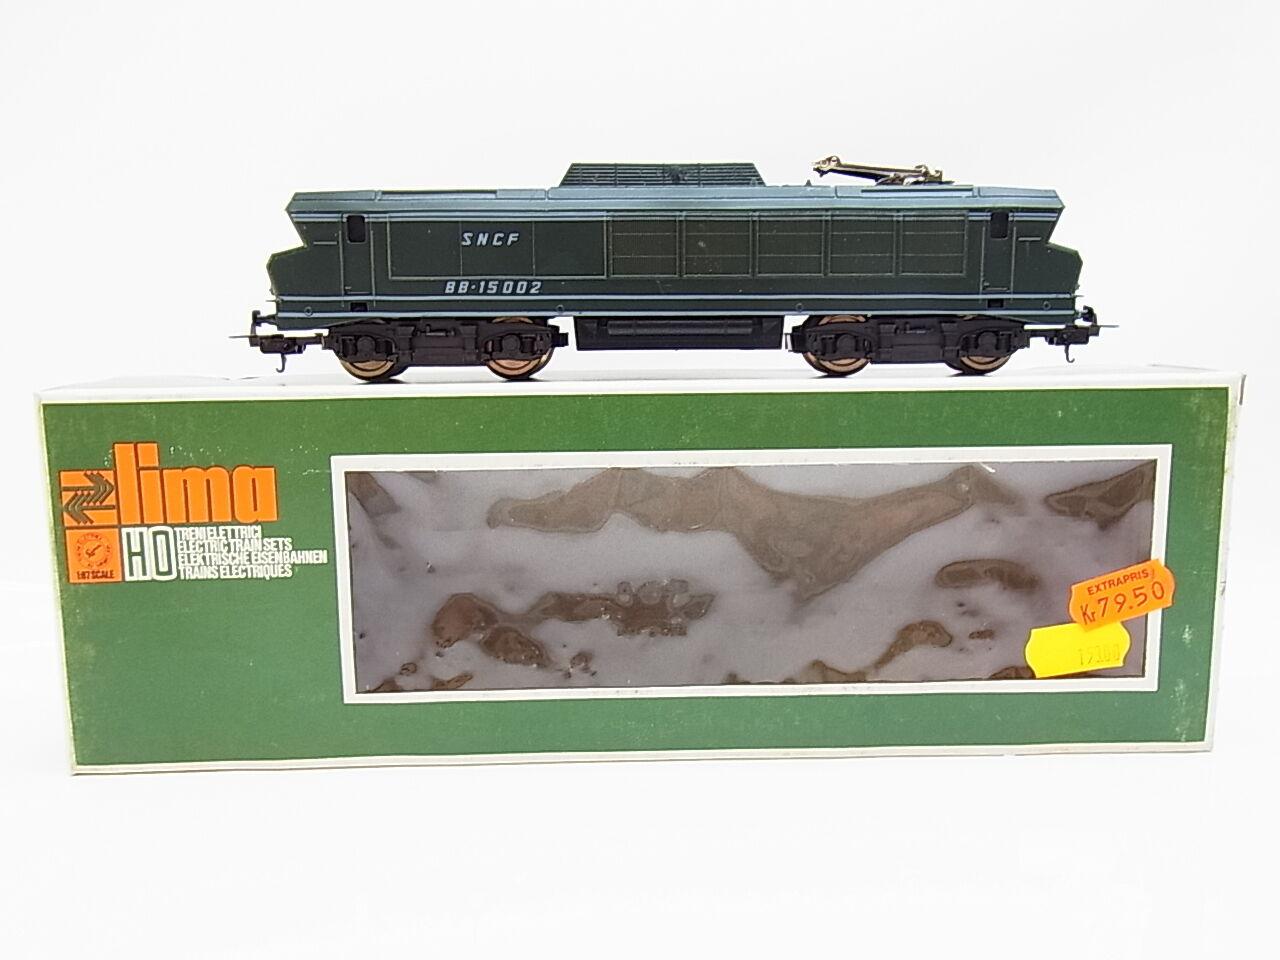 44129   hermosa Lima h0 8044 e-Lok bb-15002 de la SNCF verde en OVP